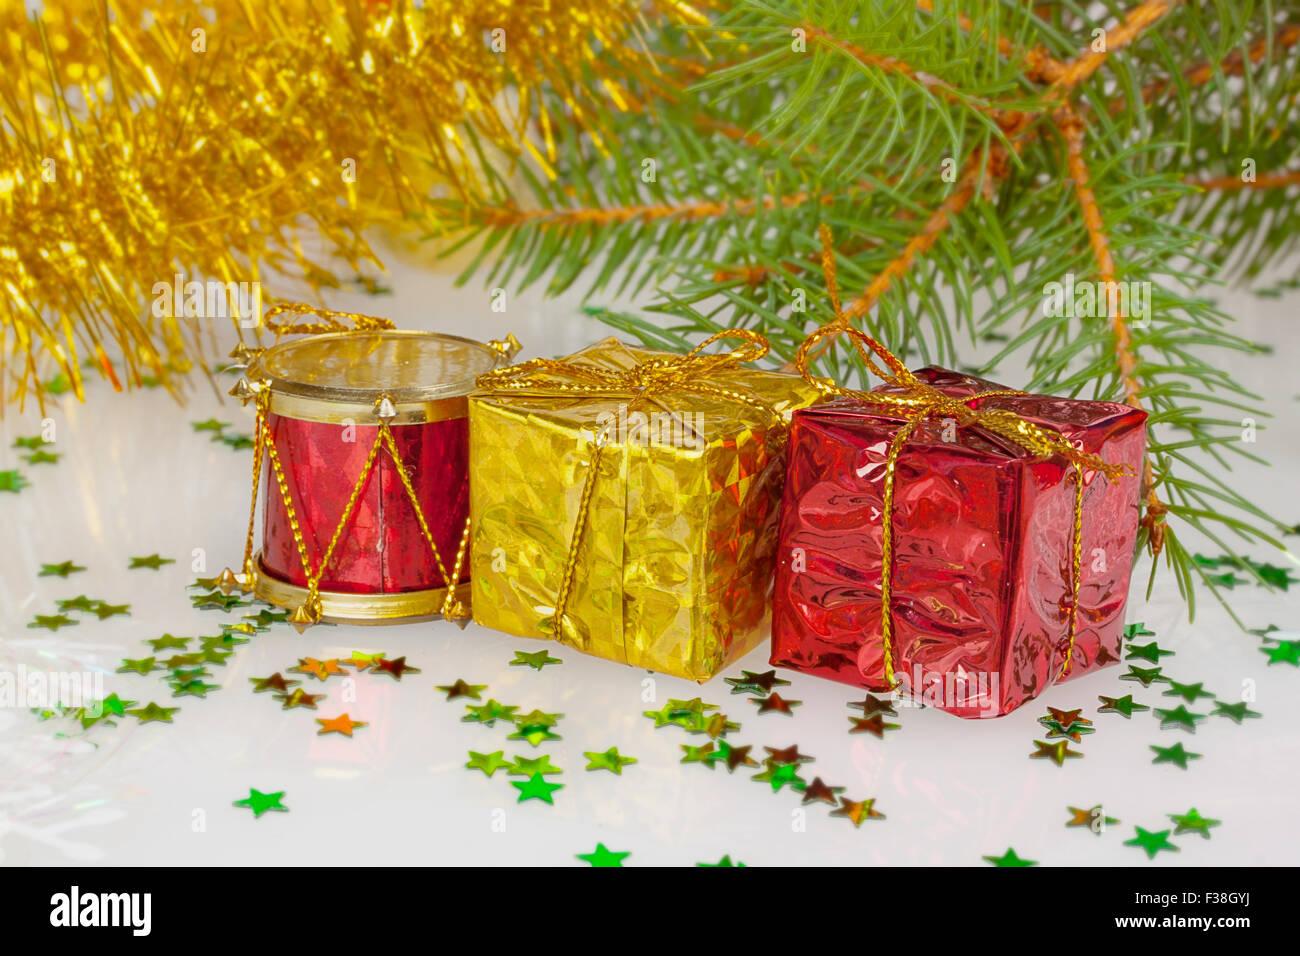 zwei Geschenke unter dem Weihnachtsbaum mit roten Trommel Stockfoto ...